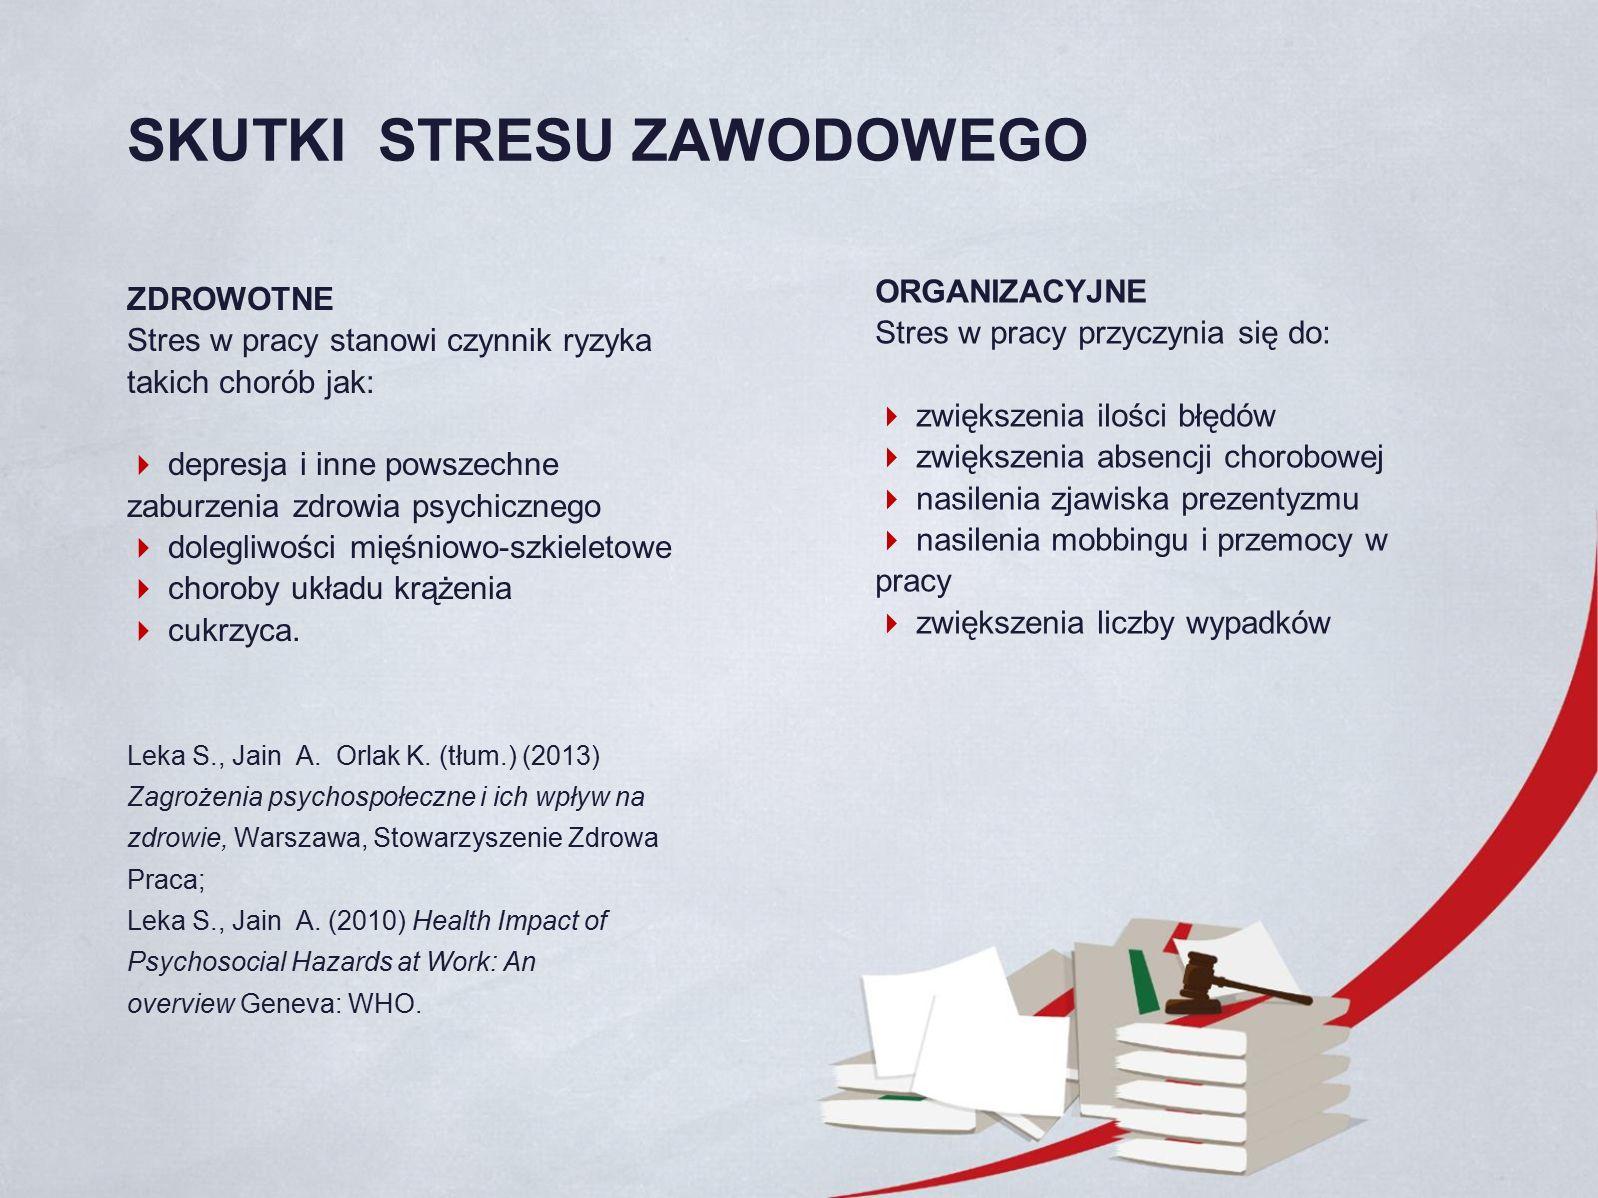 ZDROWOTNE Stres w pracy stanowi czynnik ryzyka takich chorób jak:  depresja i inne powszechne zaburzenia zdrowia psychicznego  dolegliwości mięśniowo-szkieletowe  choroby układu krążenia  cukrzyca.